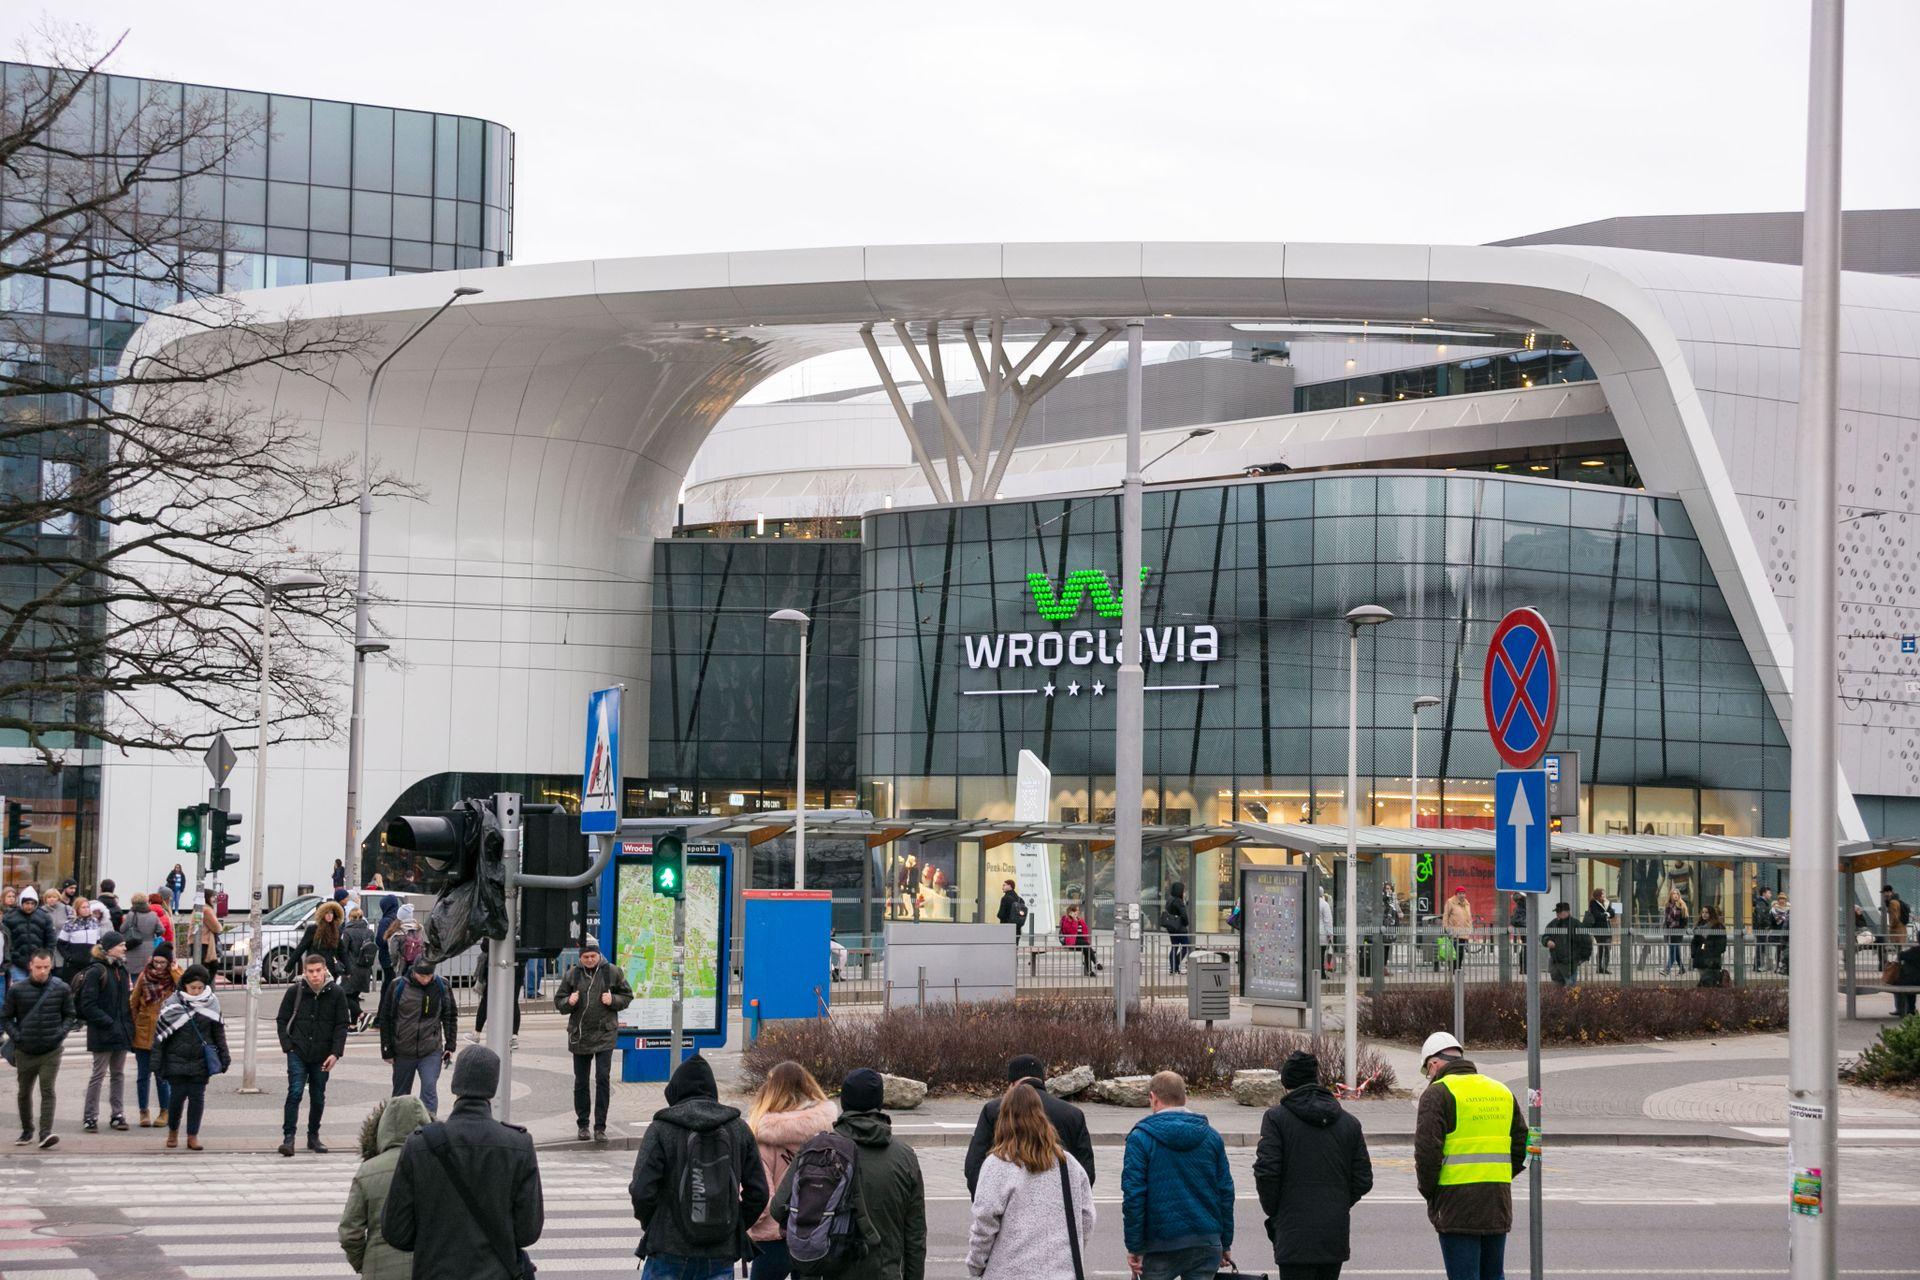 Przy Wroclavii powstanie pawilon gastronomiczny w miejsce sklepu Żelaznego